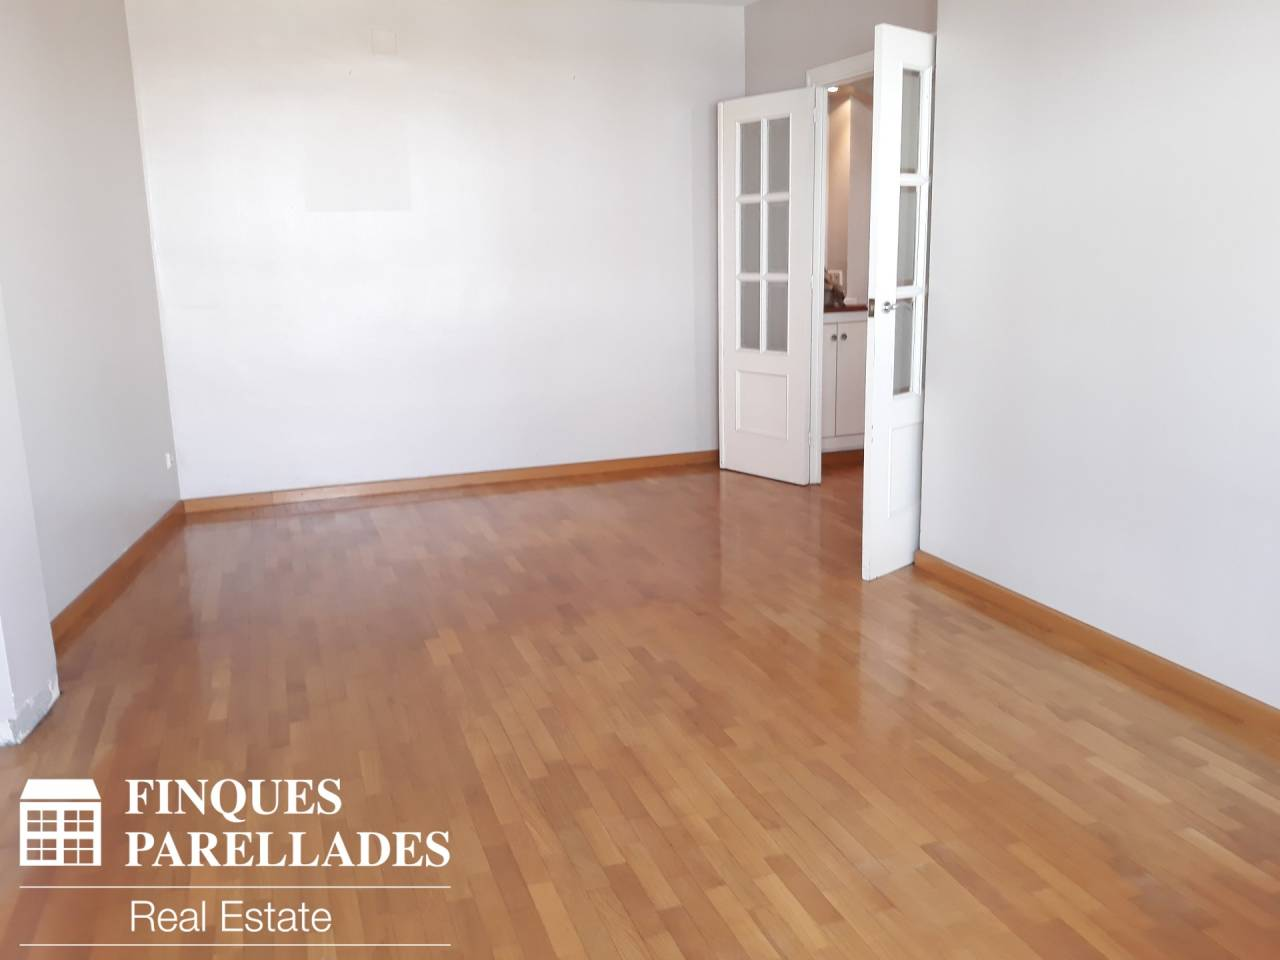 Квартира аренда недвижимости в Sant Sebastià-Aiguadolç